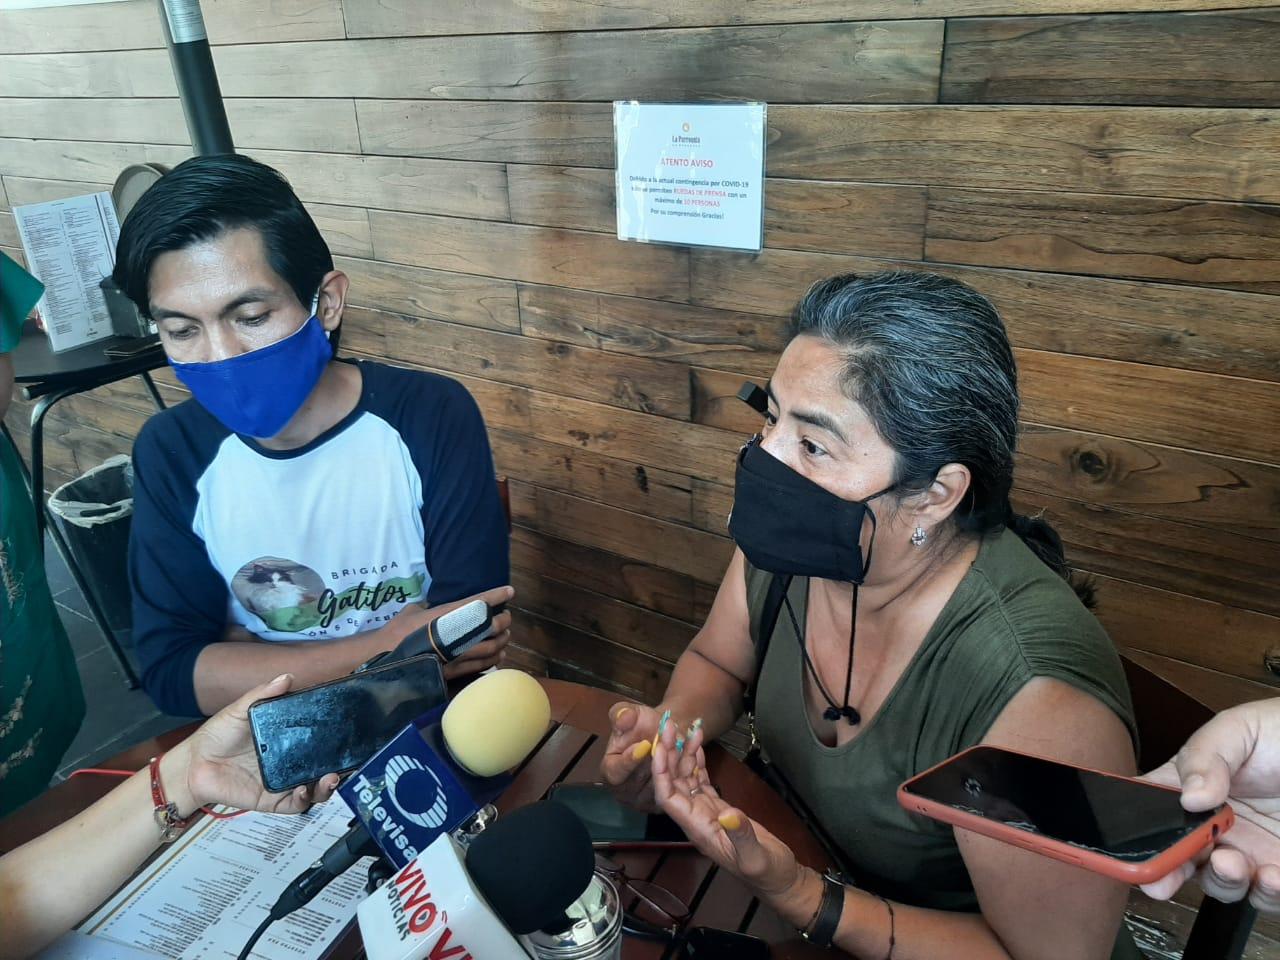 Alerta brigada Gatitos Panteón 5 de febrero que otro grupo pide apoyos a su nombre